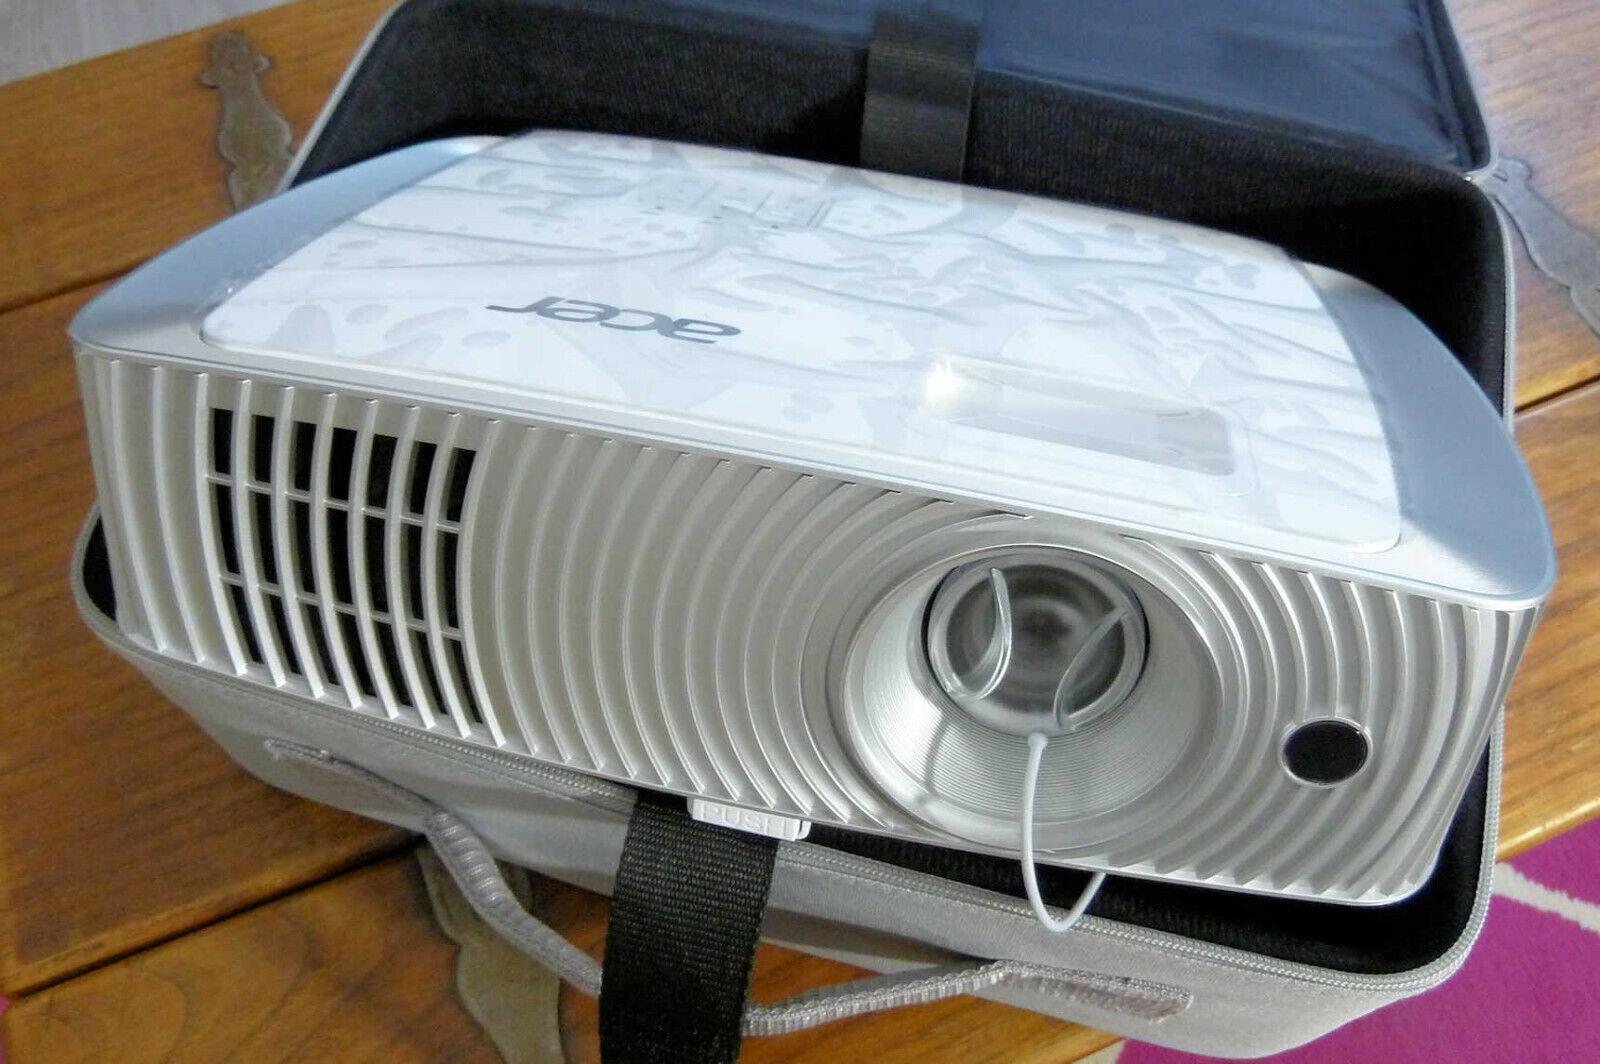 Acer h7750bd vidéoprojecteur fhd 1920x1080 hdmi 3000lum